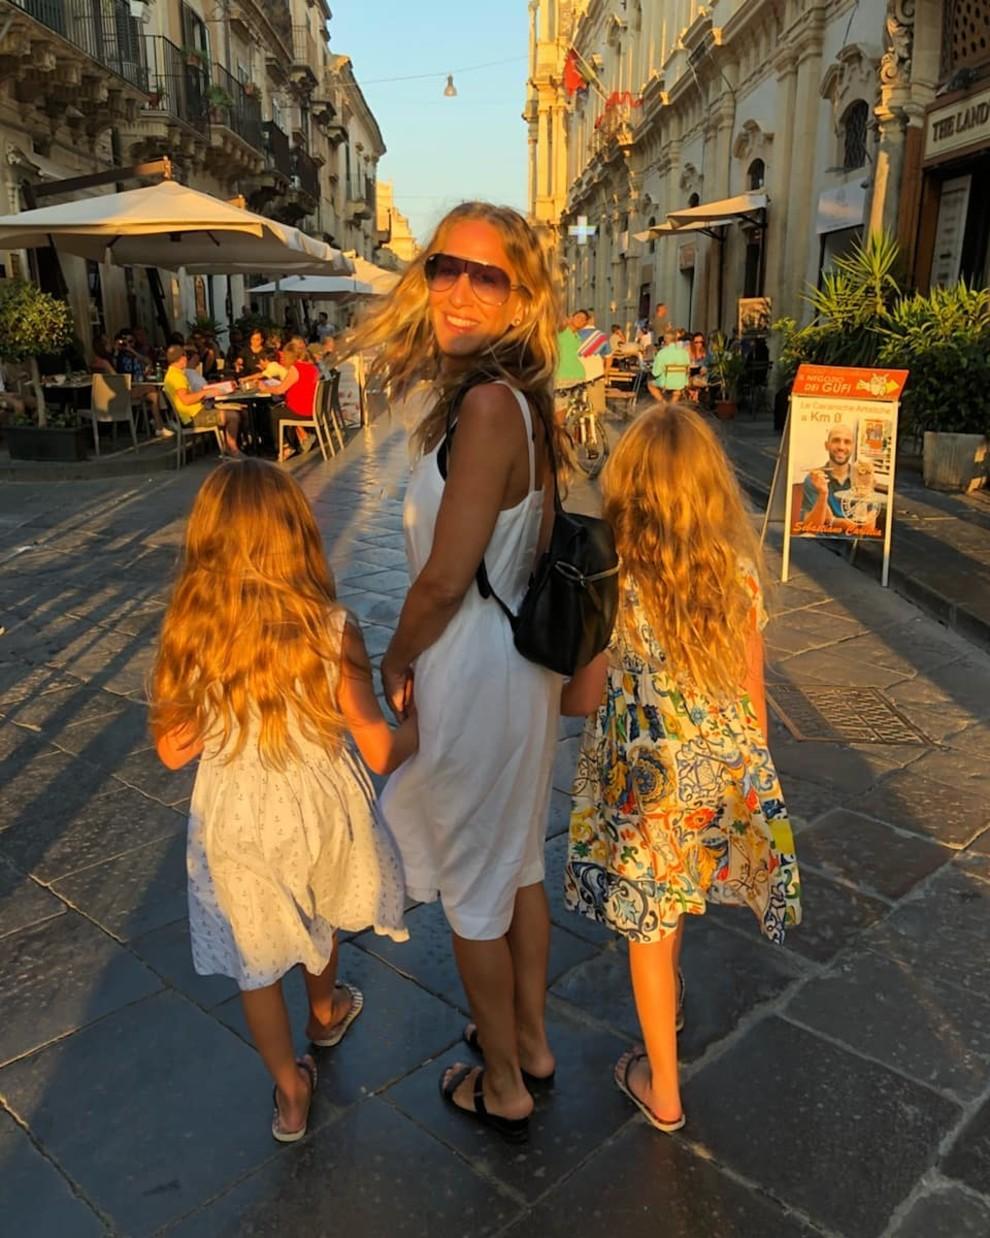 Редкостный снимок: Сара Джессика Паркер показала собственных дочерей